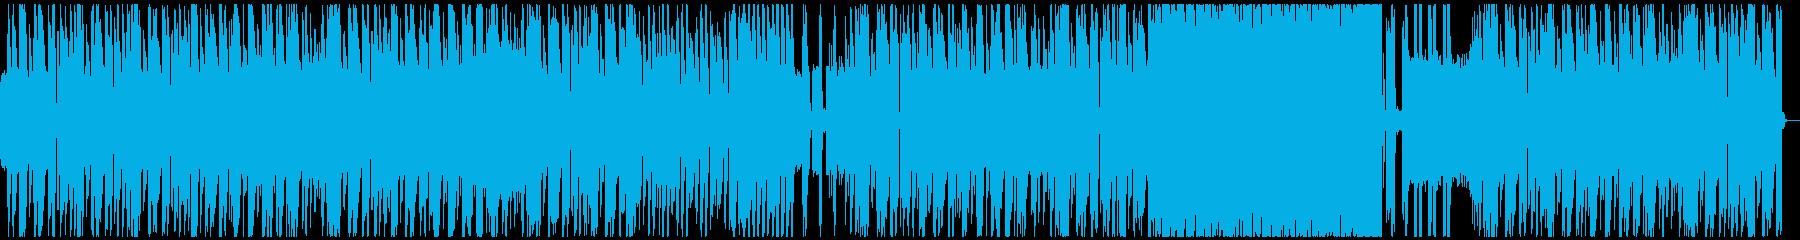 テンション高めなエリーゼのために-フル版の再生済みの波形